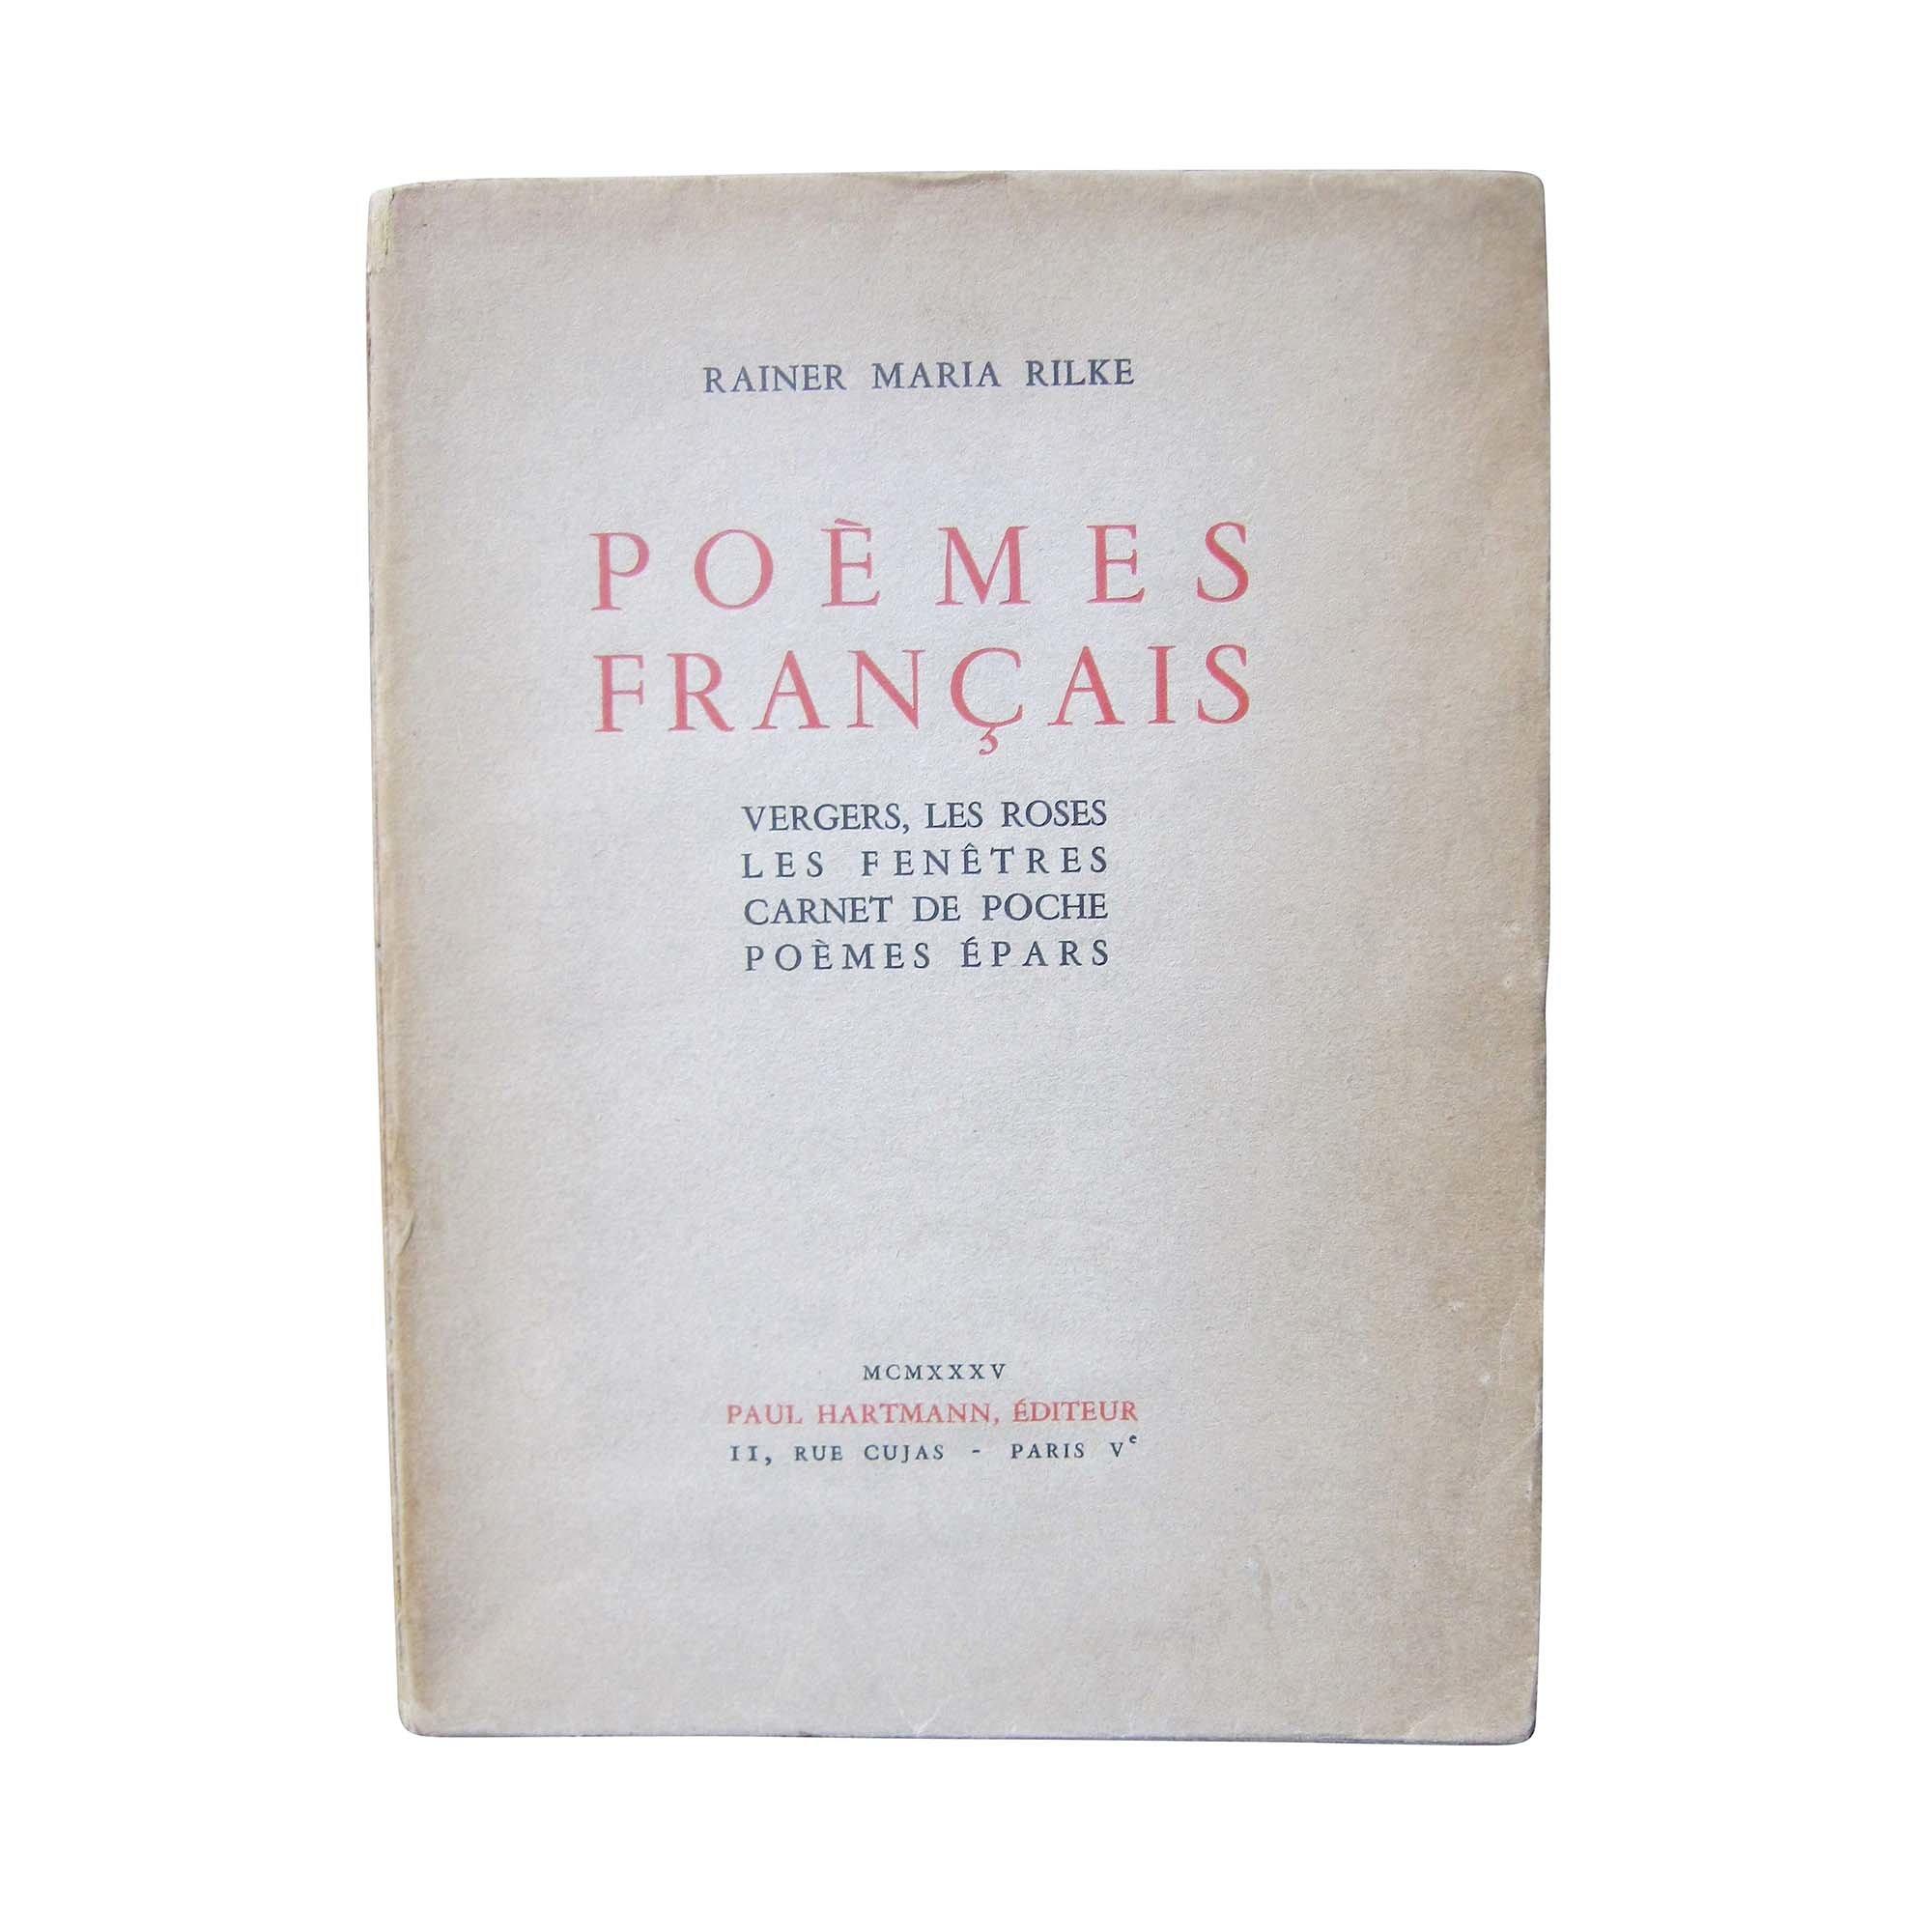 5182 Rilke Poemes Francais 1930 N